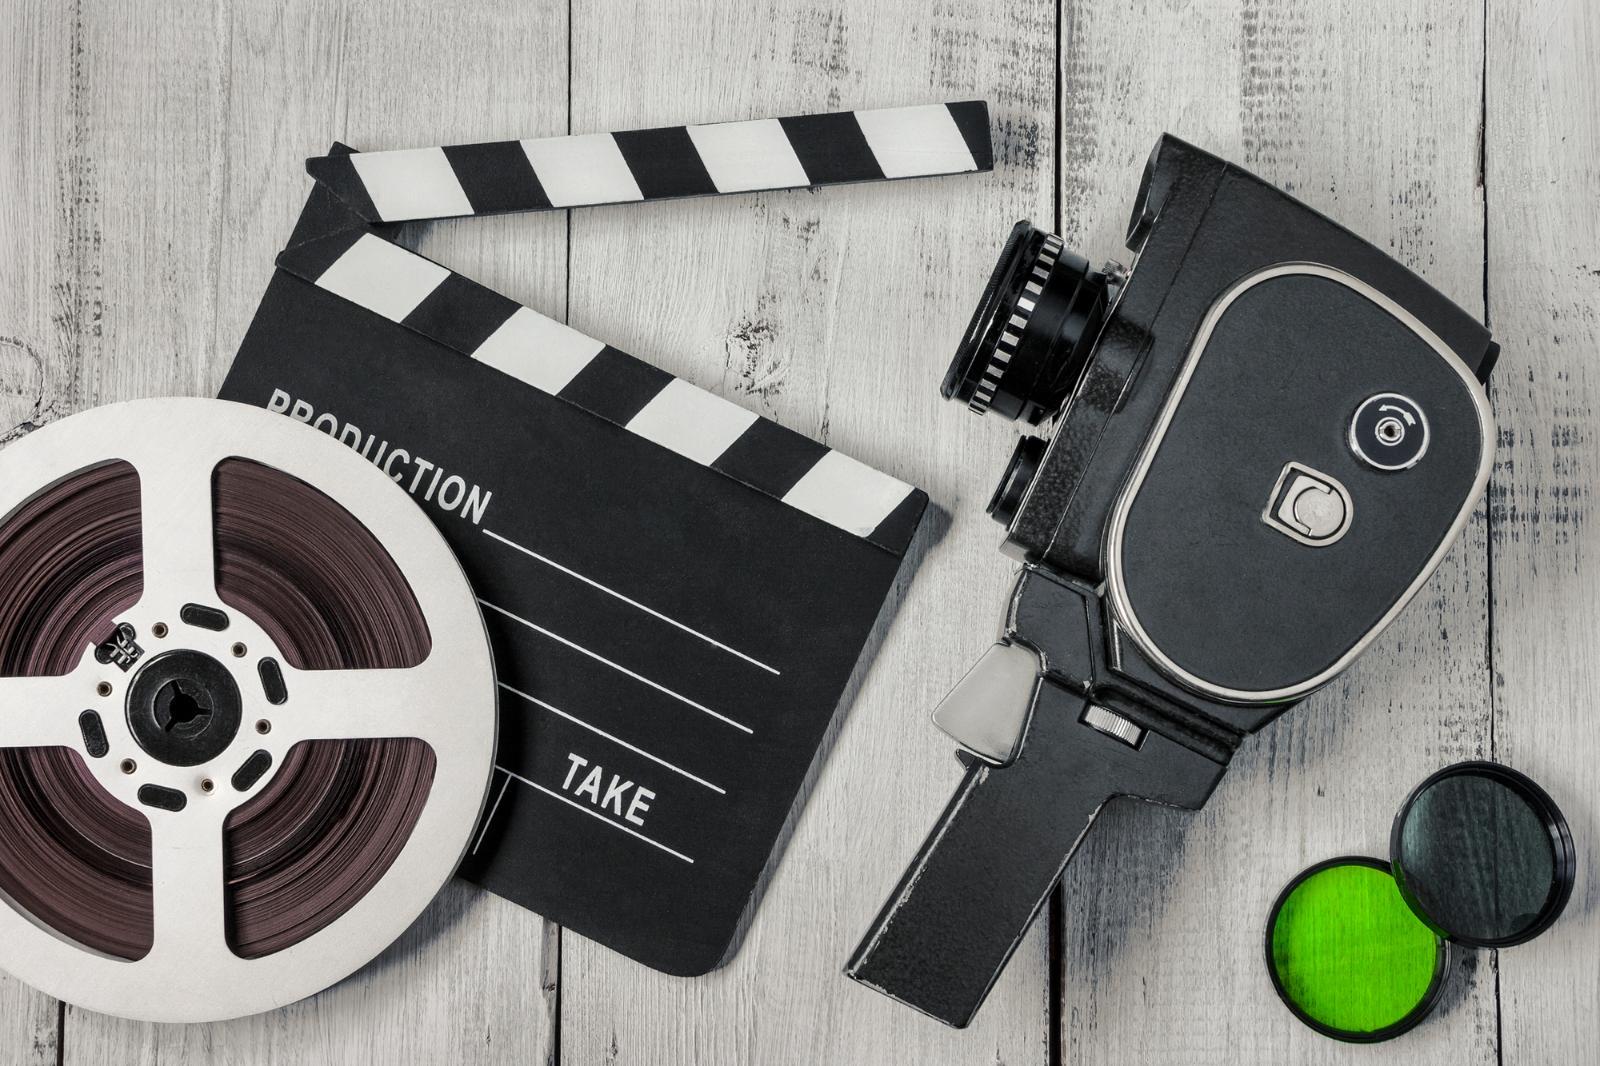 Режиссер Николай Лебедев снимает первый в истории мирового кино игровой полнометражный фильм про Нюрнбергский процесс